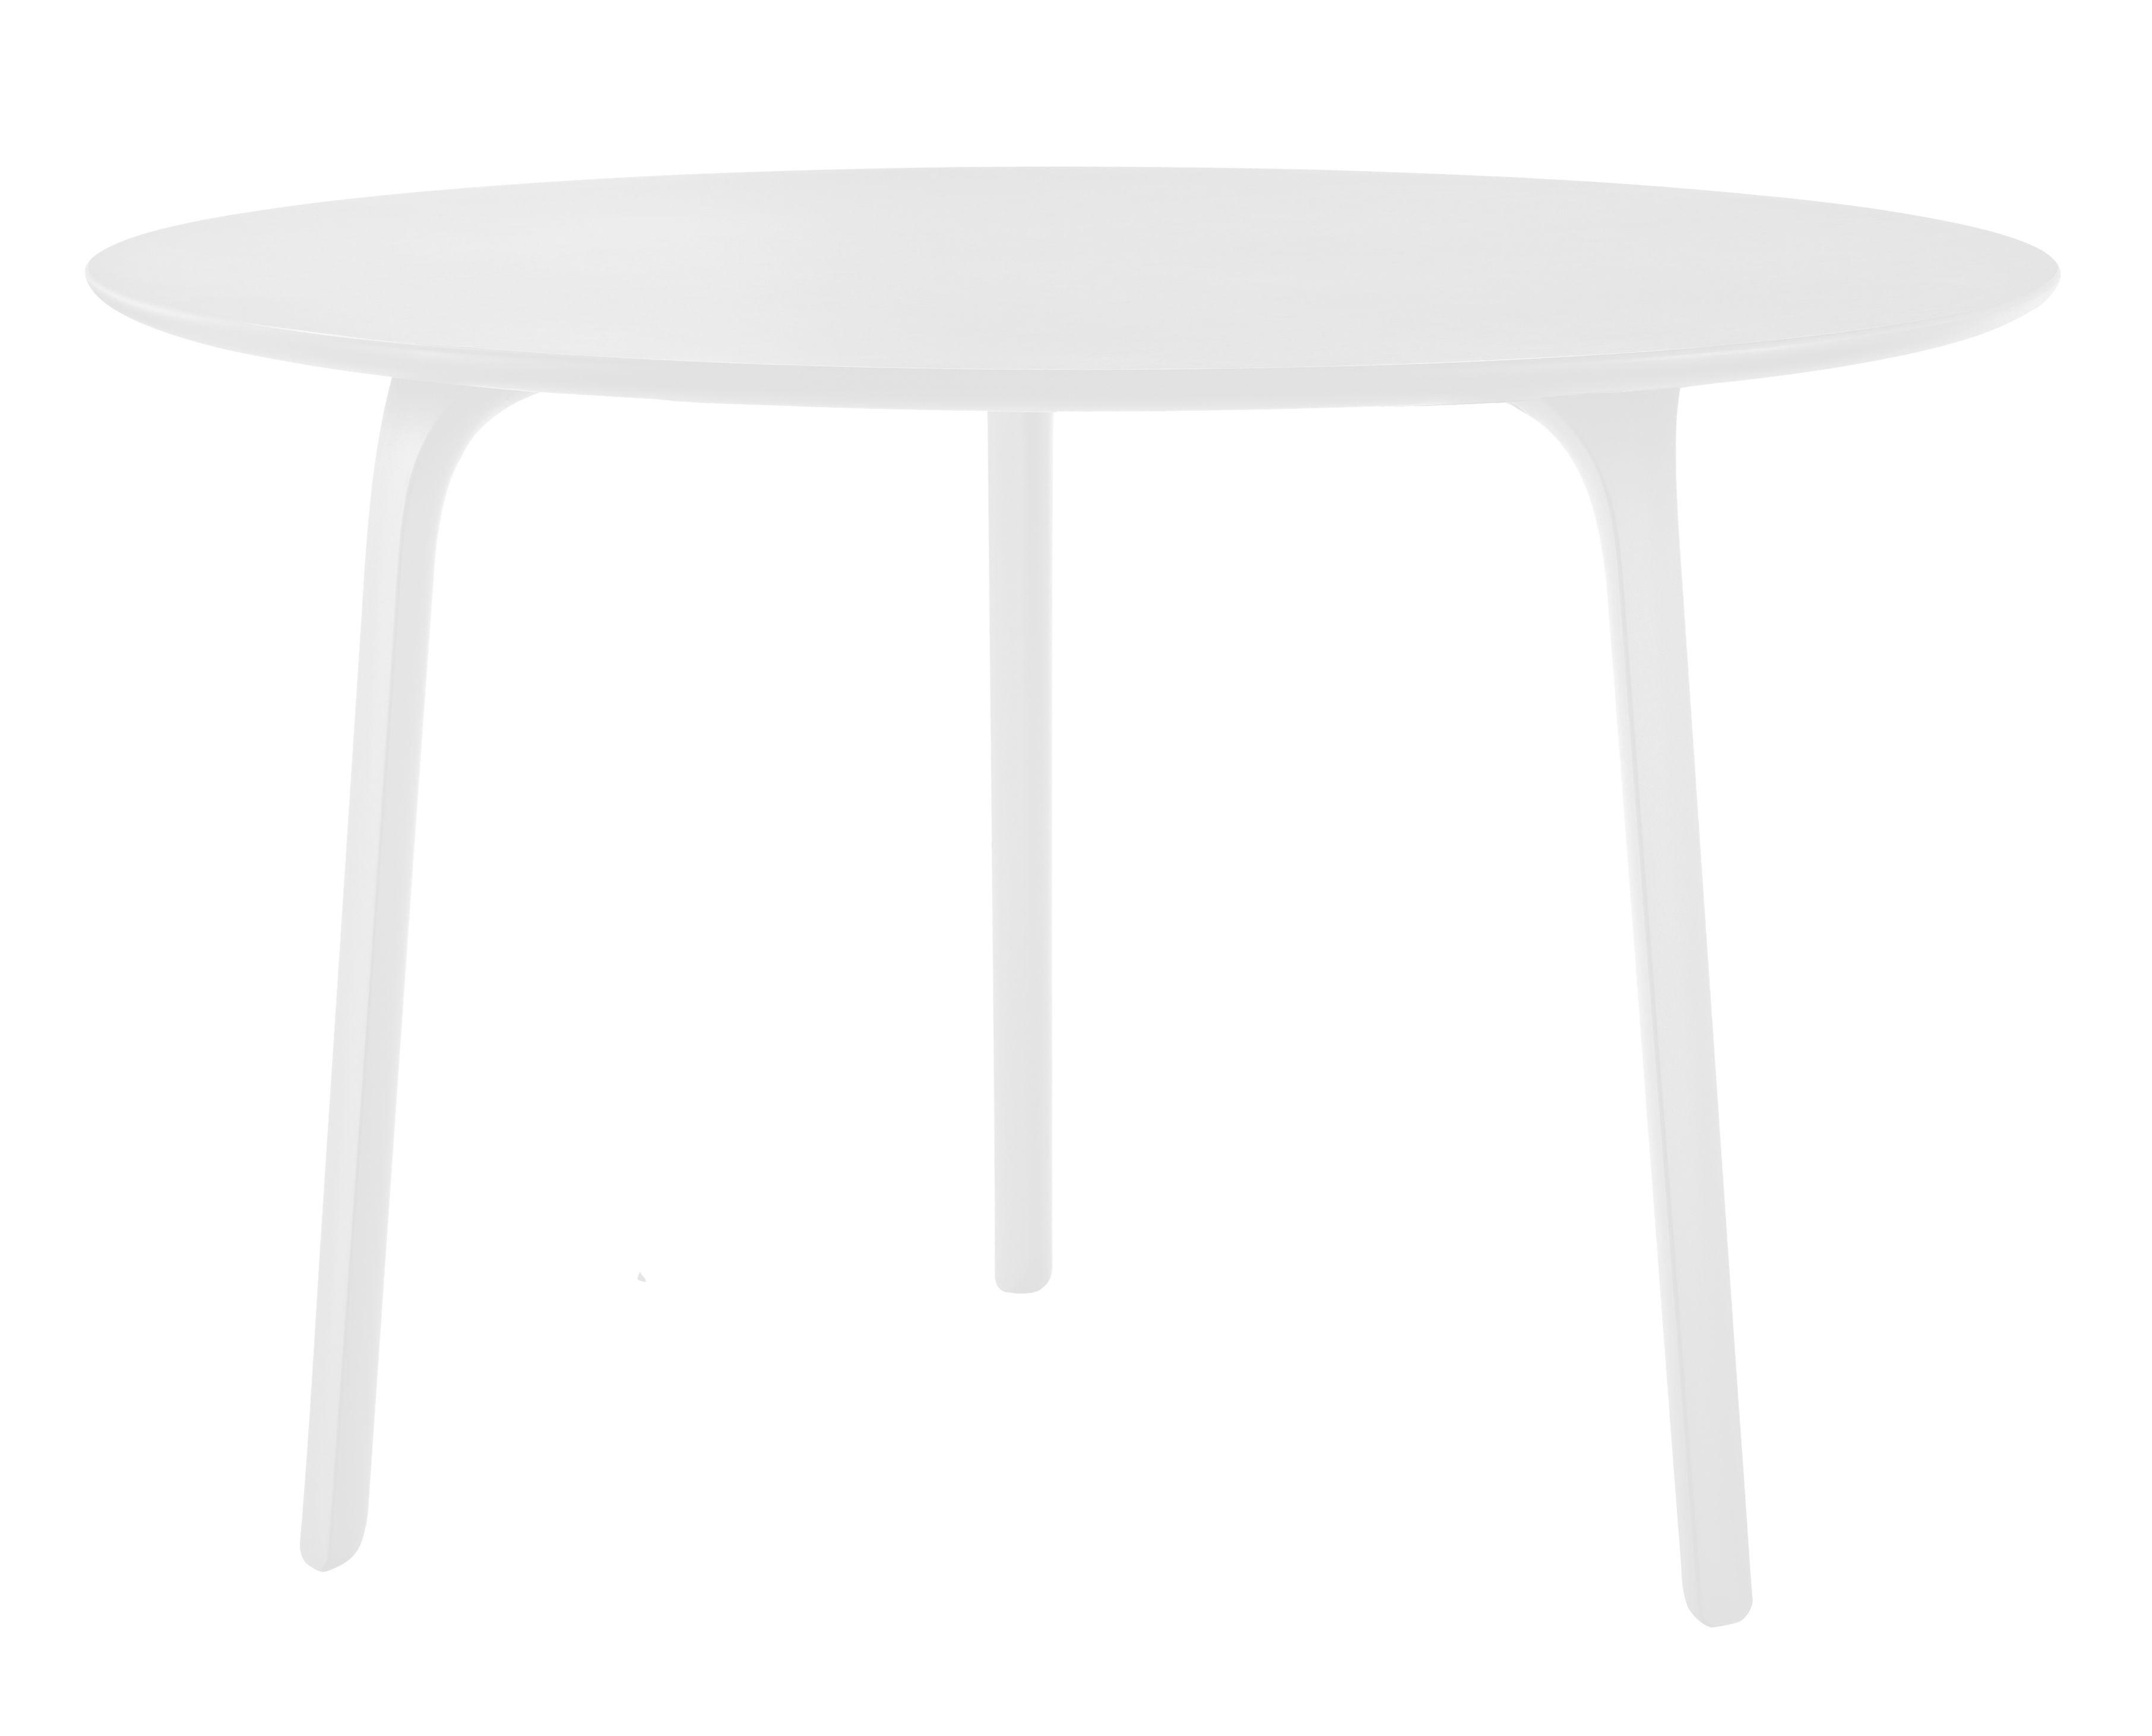 Arredamento - Tavoli - Tavolo rotondo First - Rotonda Ø 120 - Da interno di Magis - Piedi bianchi / Piano bianco - Poliammide